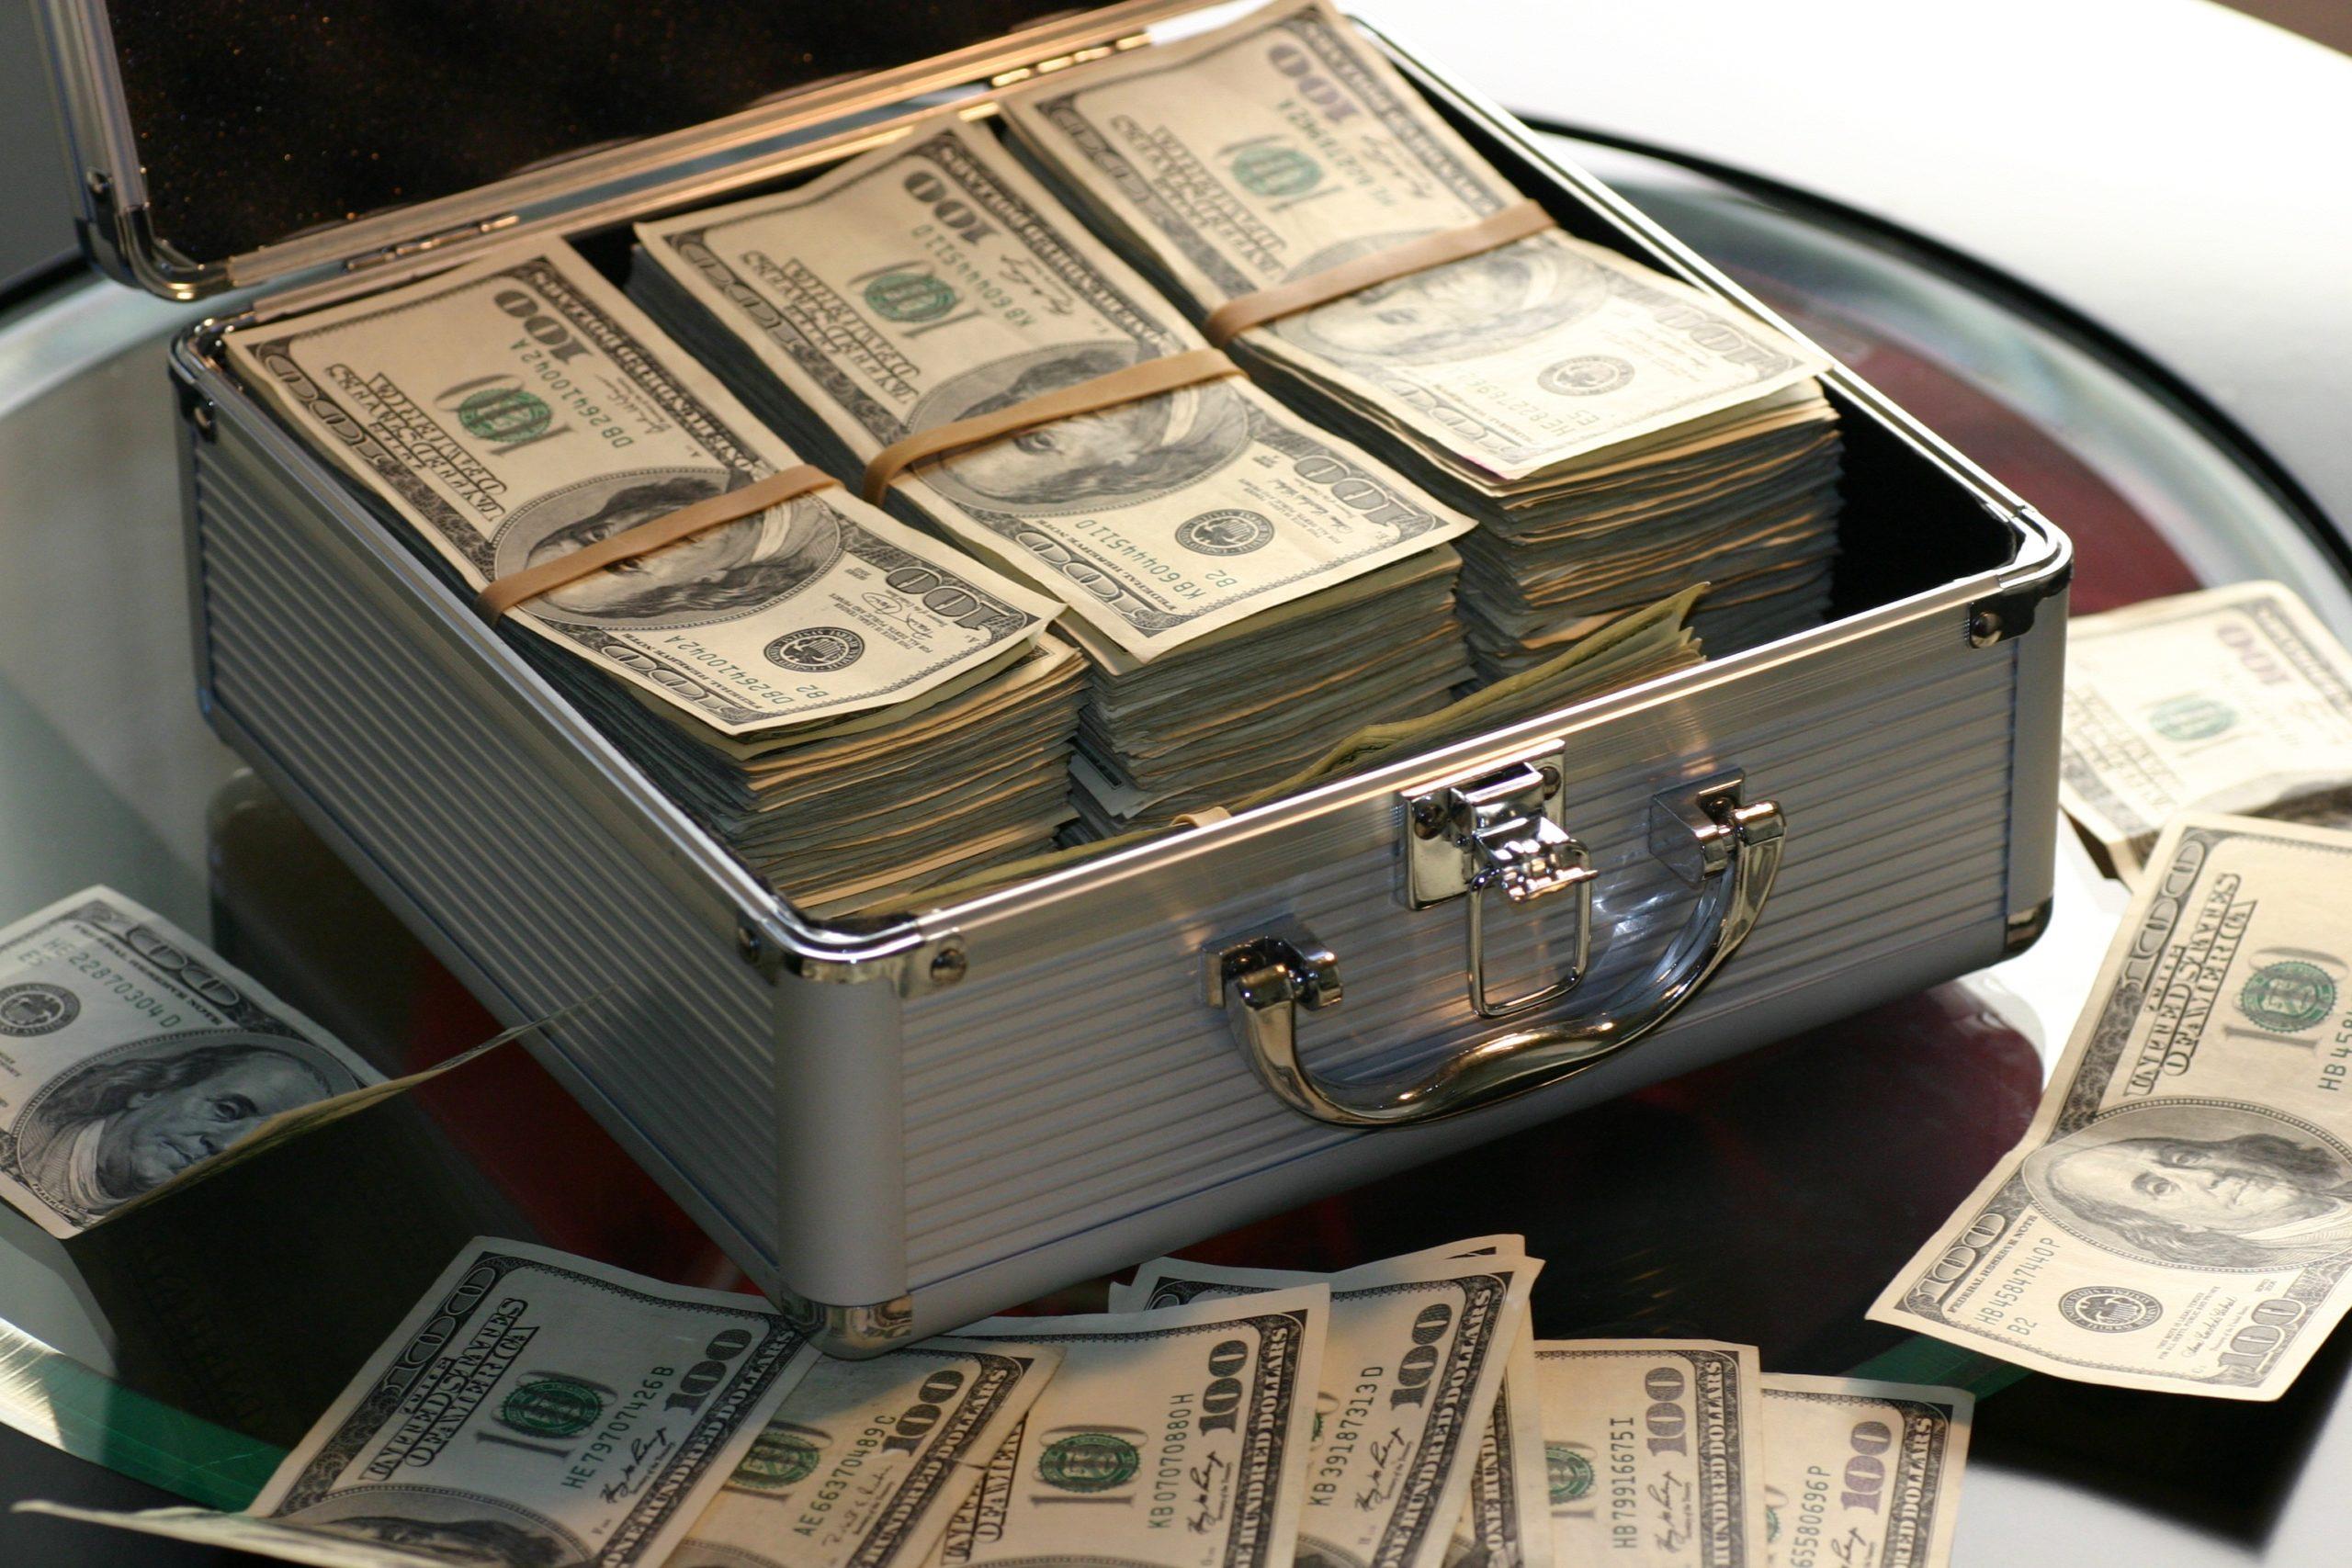 obiectiv în viață să câștigi mulți bani)